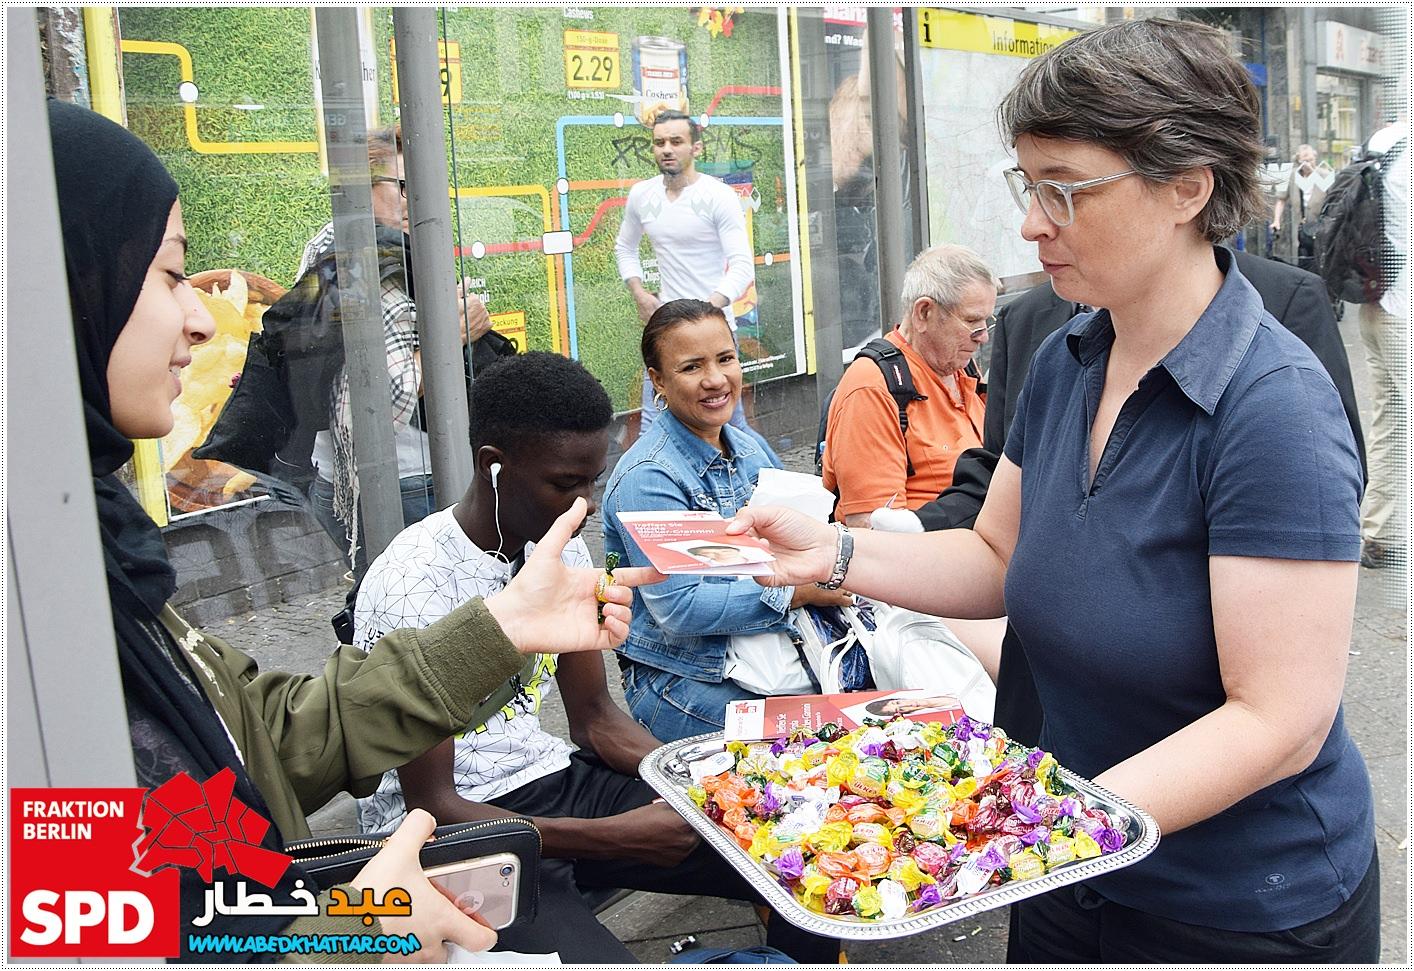 زيارة وفد الحزب الاشتراكي الديمقراطي الى شارع العرب بمناسبة حلول عيد الفطر السعيد